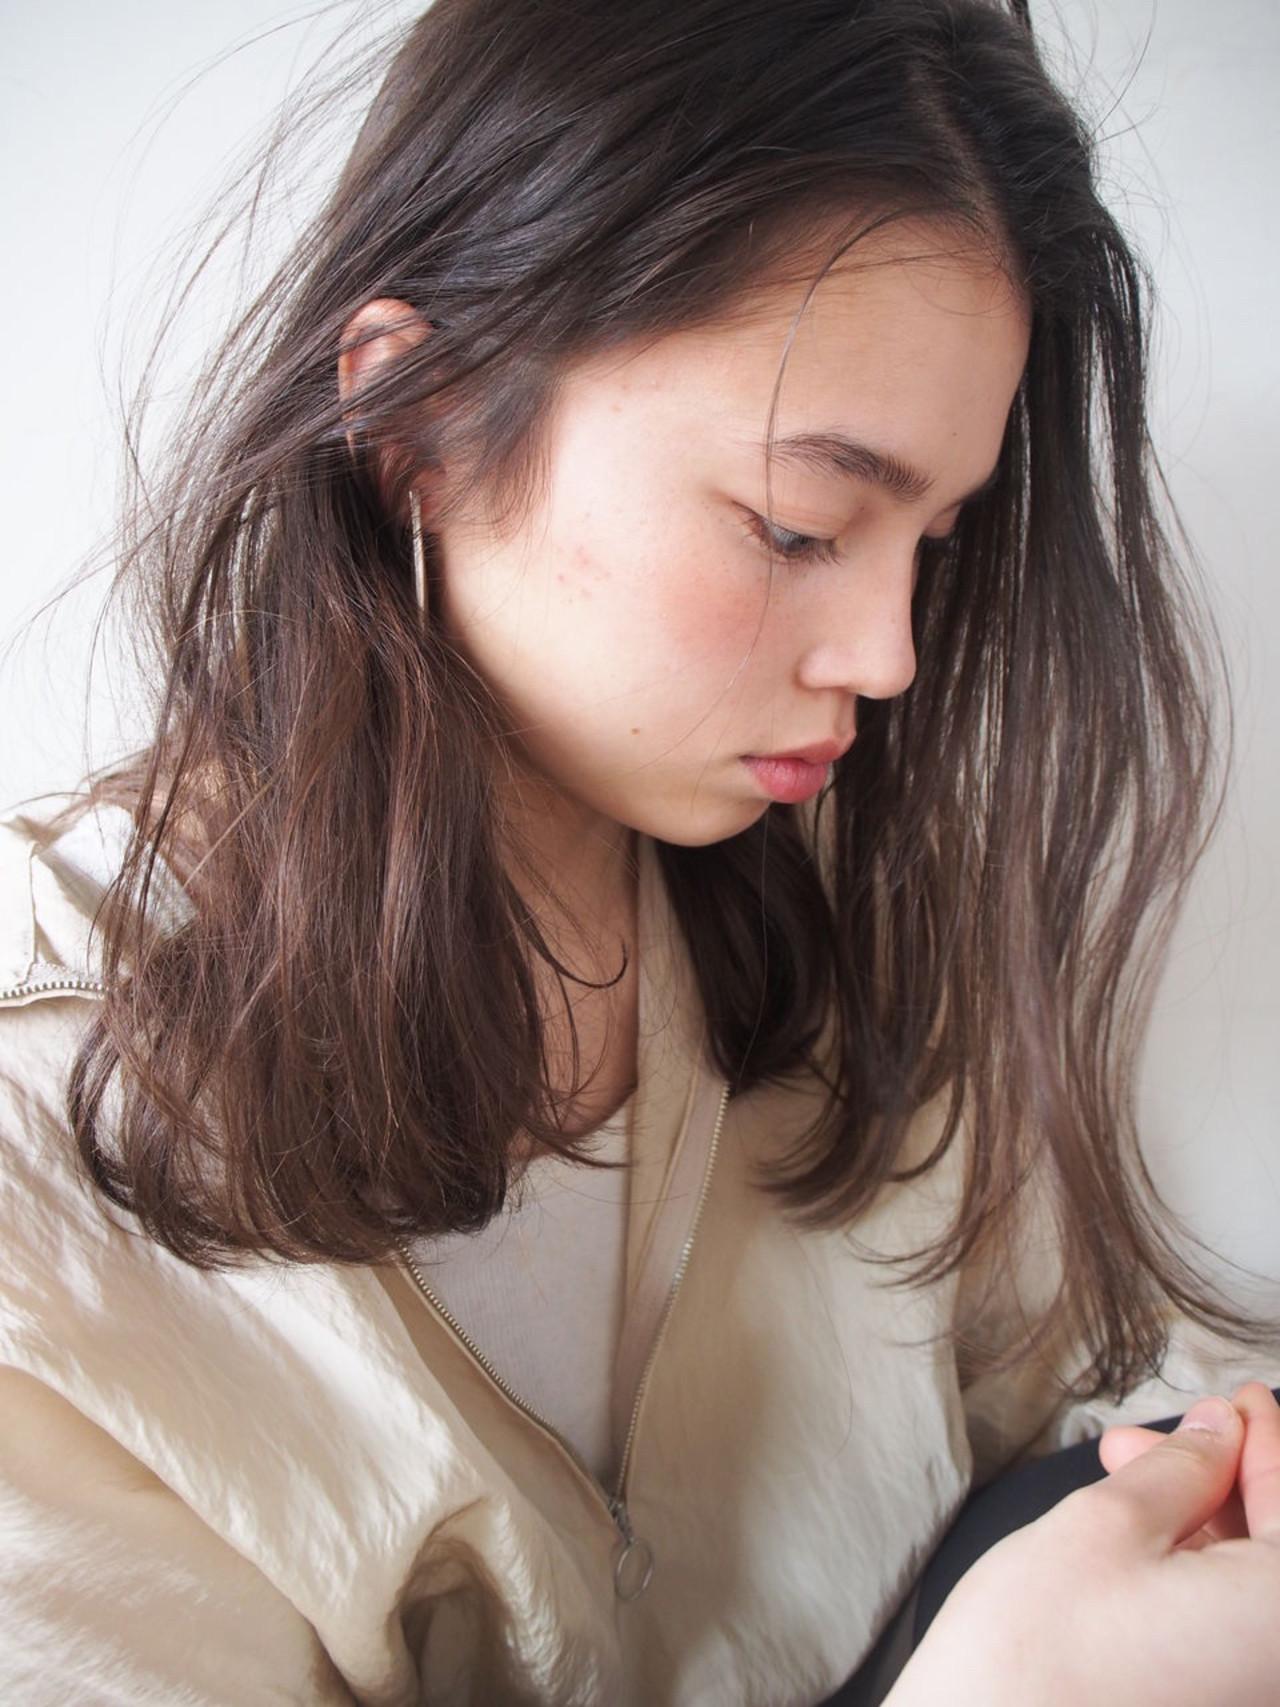 アッシュ ナチュラル 抜け感 外国人風 ヘアスタイルや髪型の写真・画像